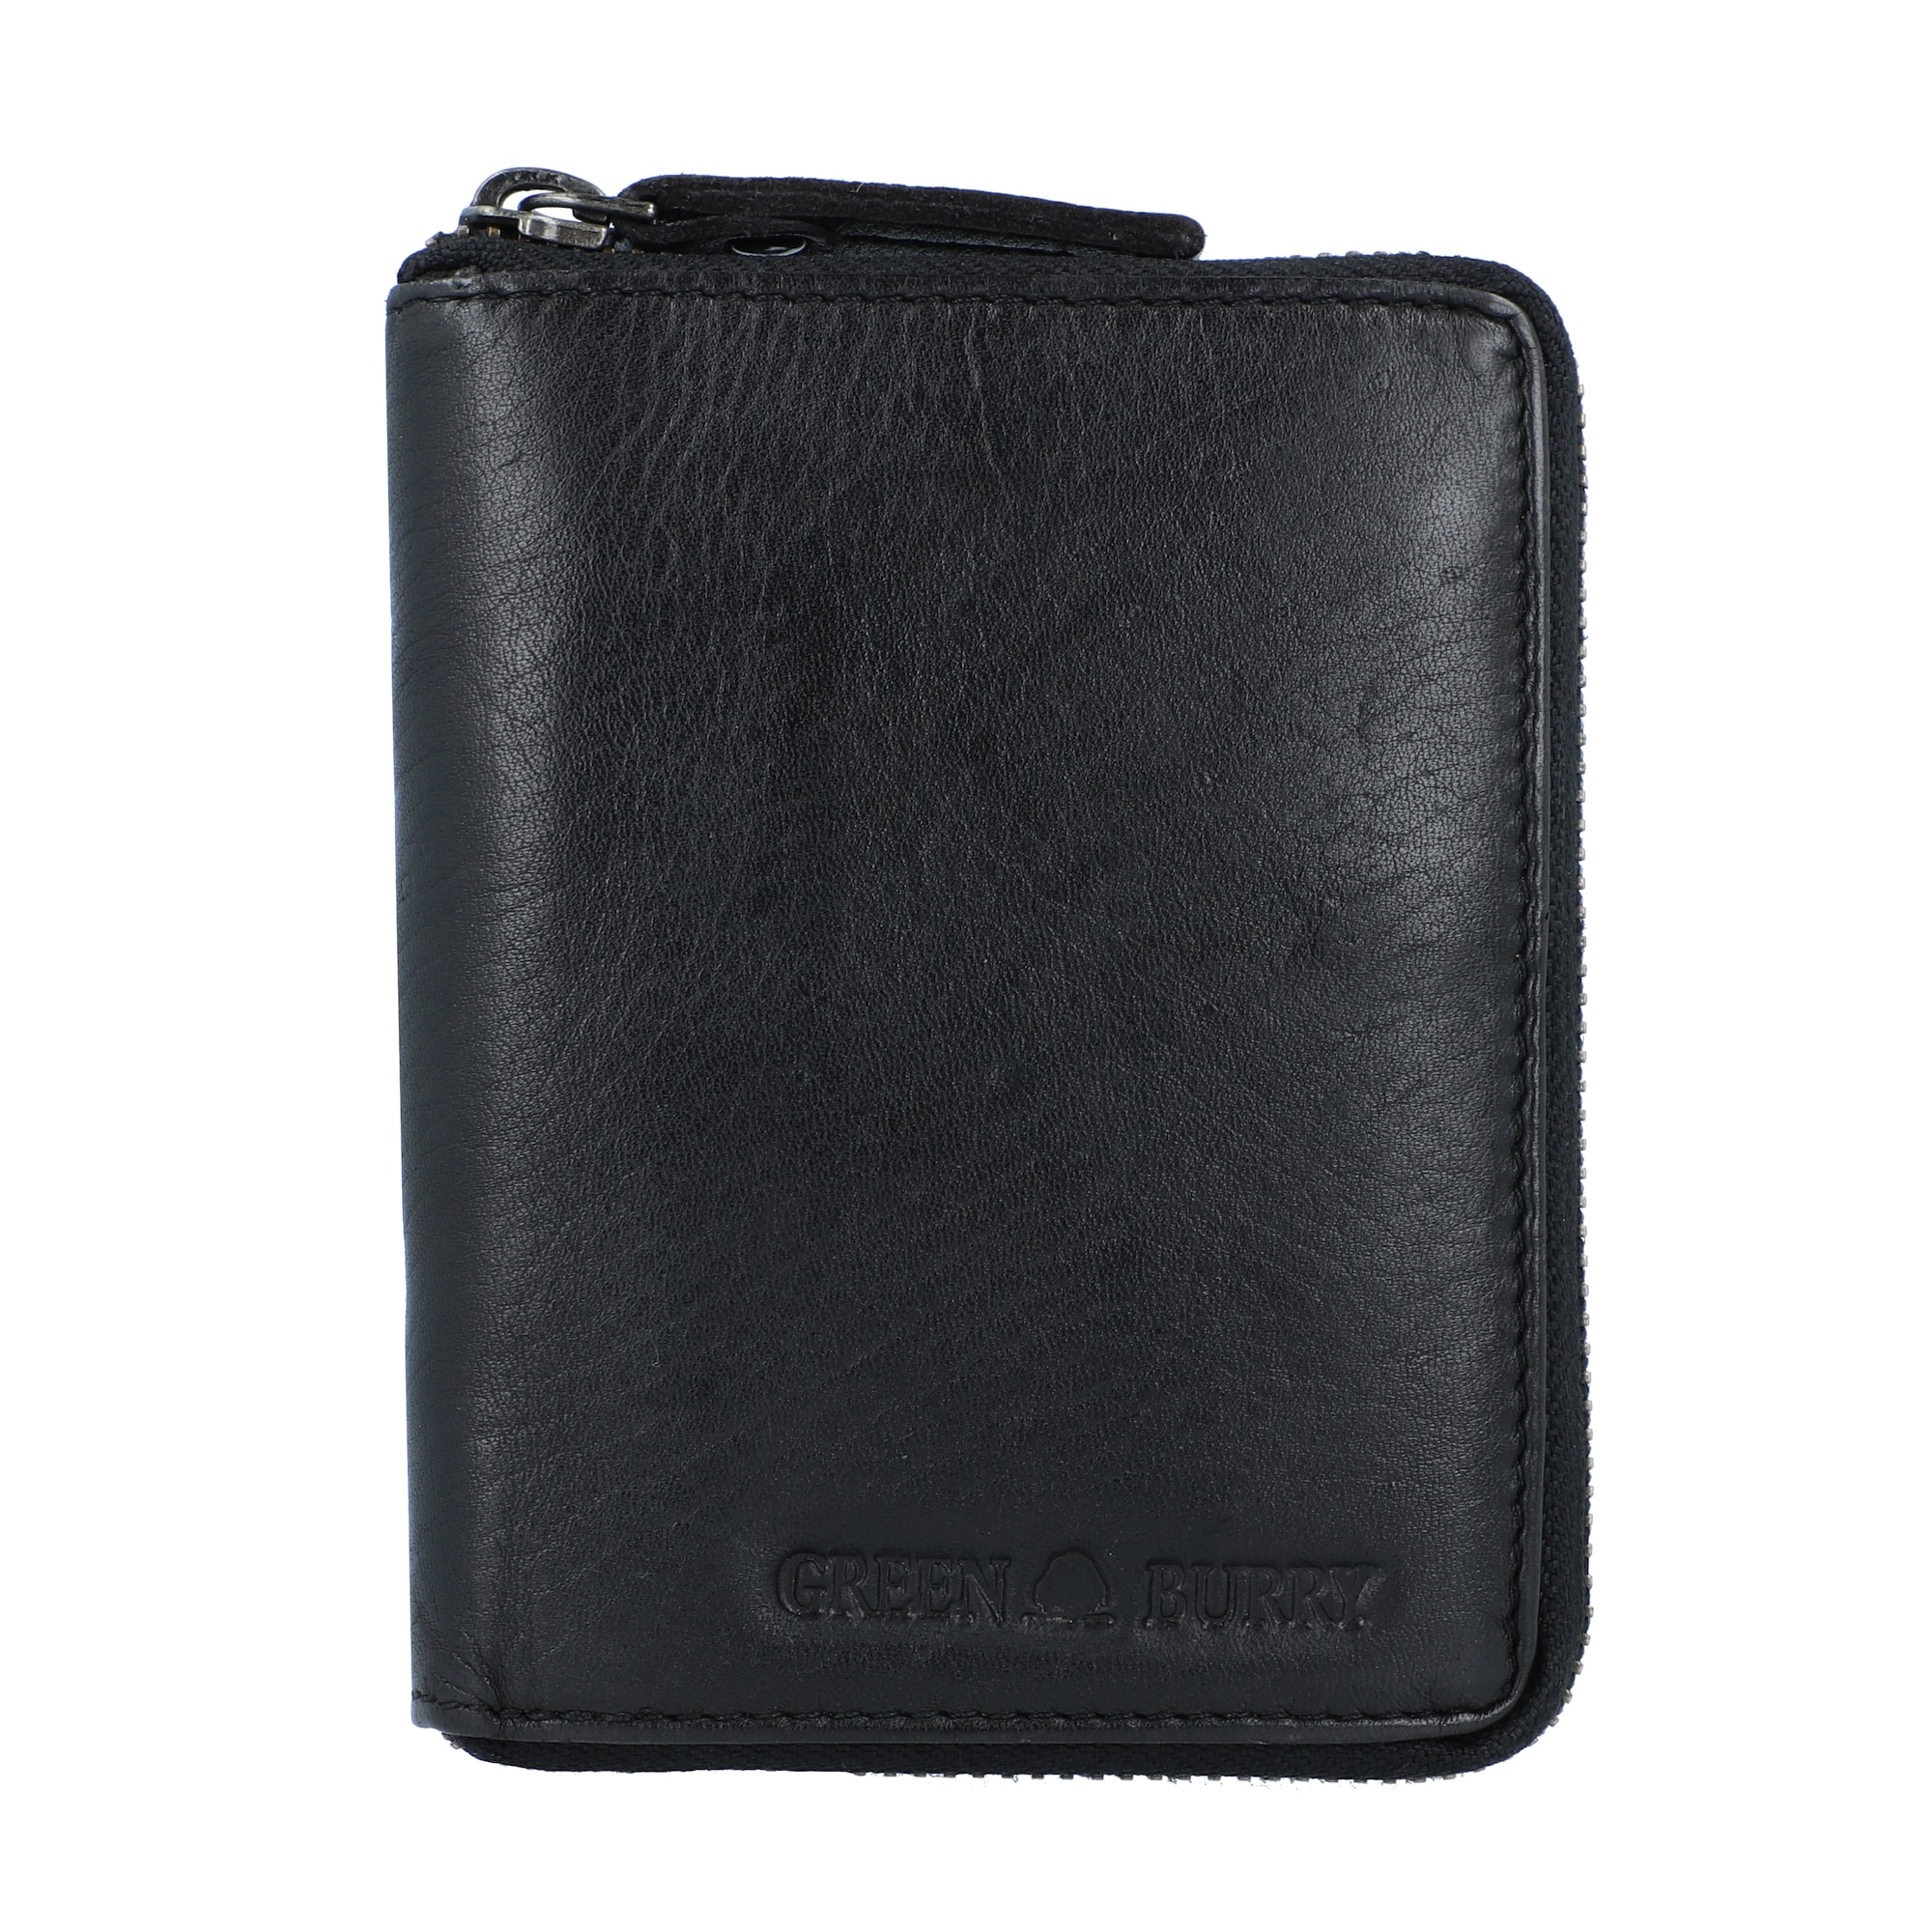 Portemonnaie   Accessoires > Portemonnaies   GREENBURRY